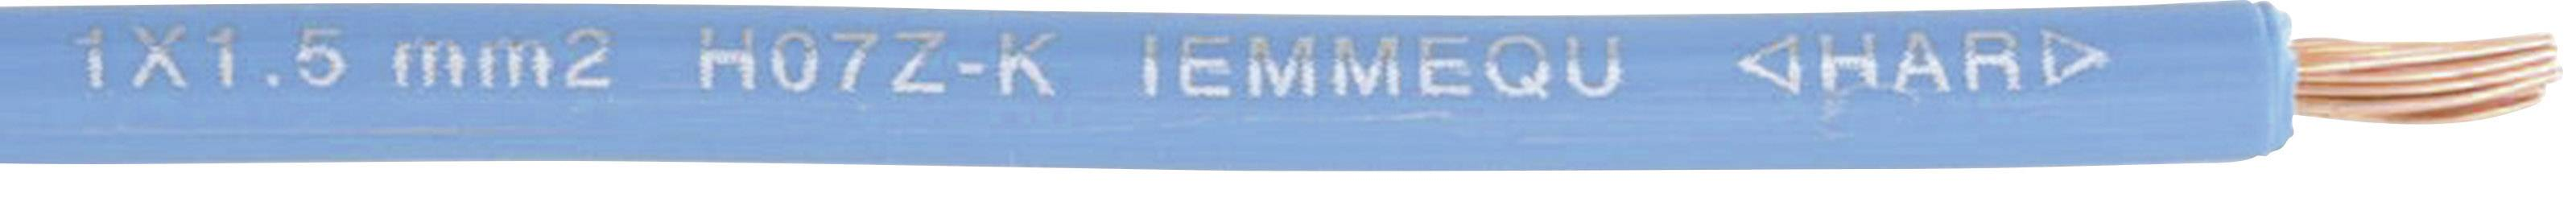 Pletenica H07Z-K 1 x 16 mm, zelena-rumena Faber Kabel 040284 cena za meter